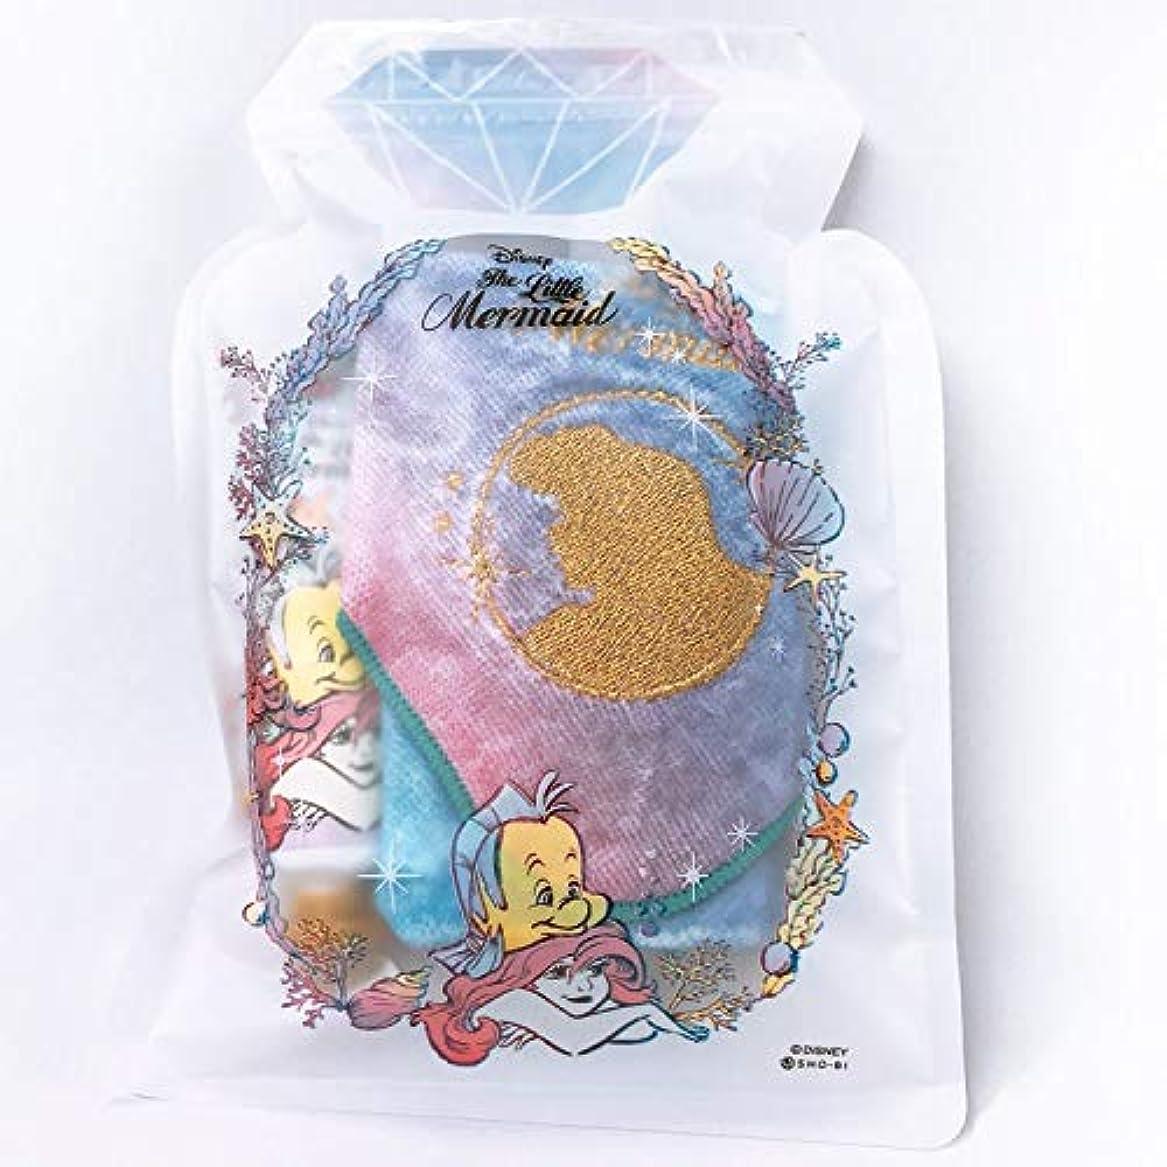 容疑者抑止する毛布SHO-BI ディズニーリトルマーメイド ジッパーバッグギフト ハンドクリーム+ハンドタオル アリエル ブルーオーシャン ギフト [380538]